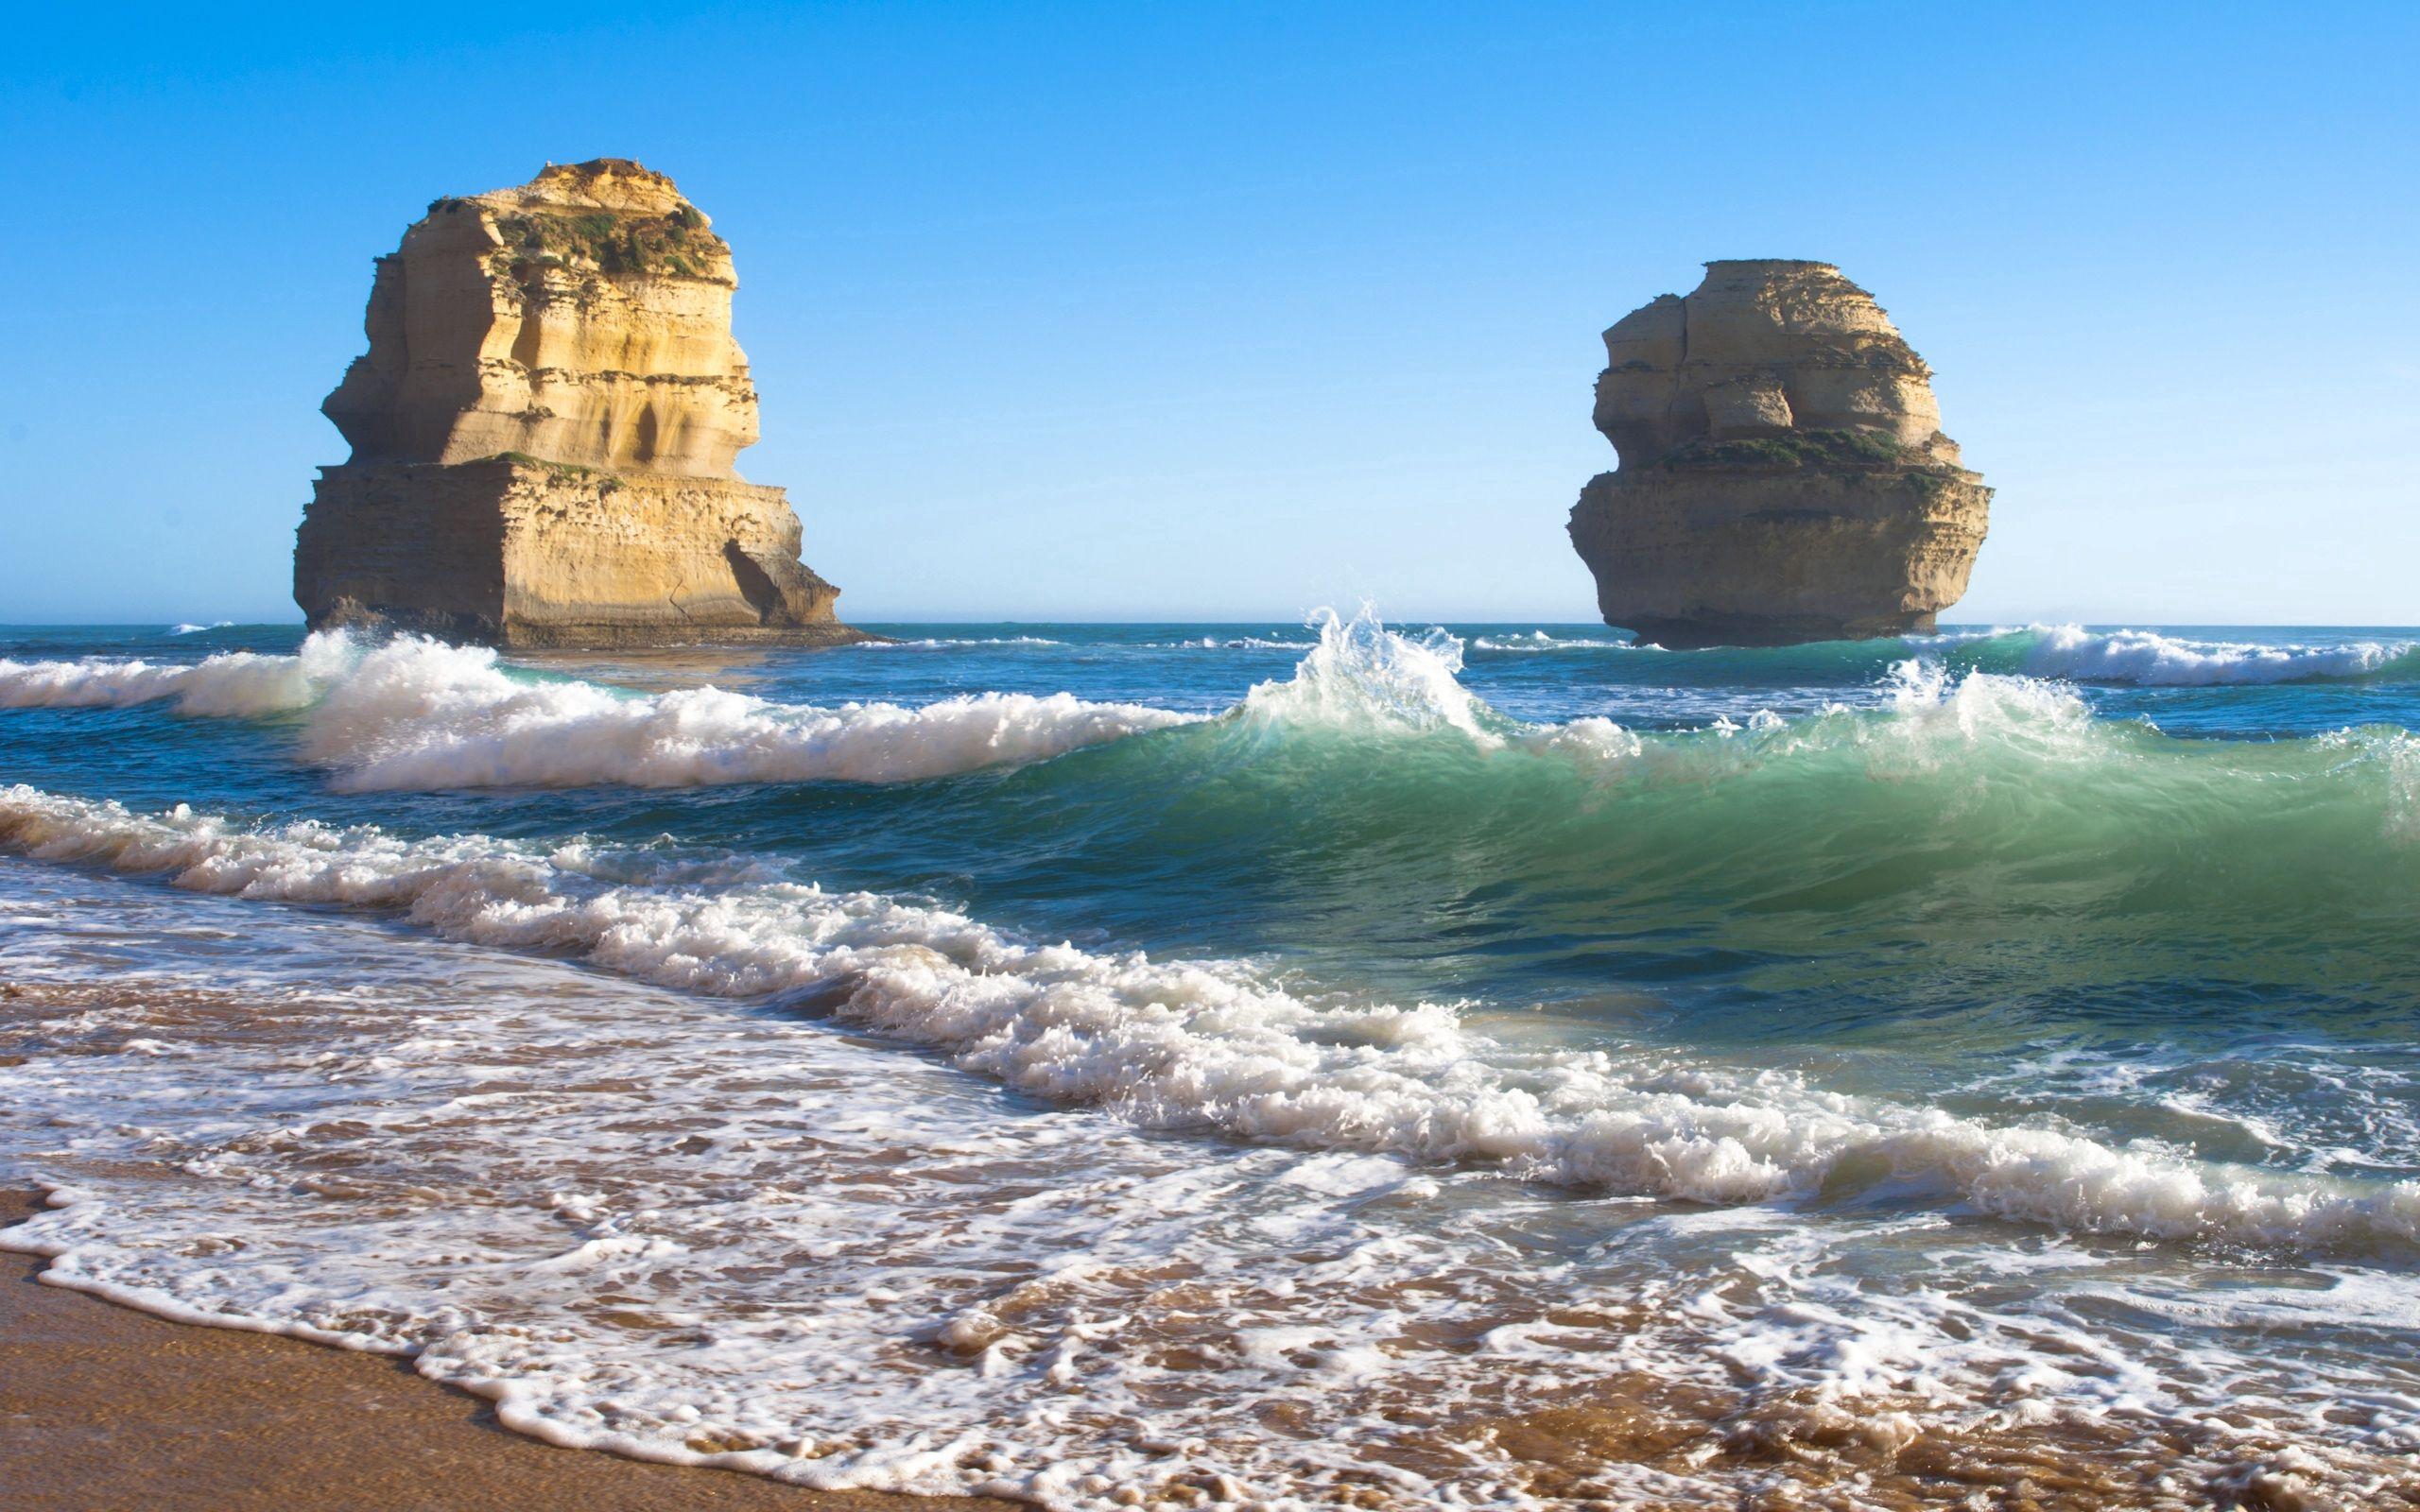 133429 Заставки и Обои Волны на телефон. Скачать Природа, Море, Пляж, Скалы, Волны картинки бесплатно